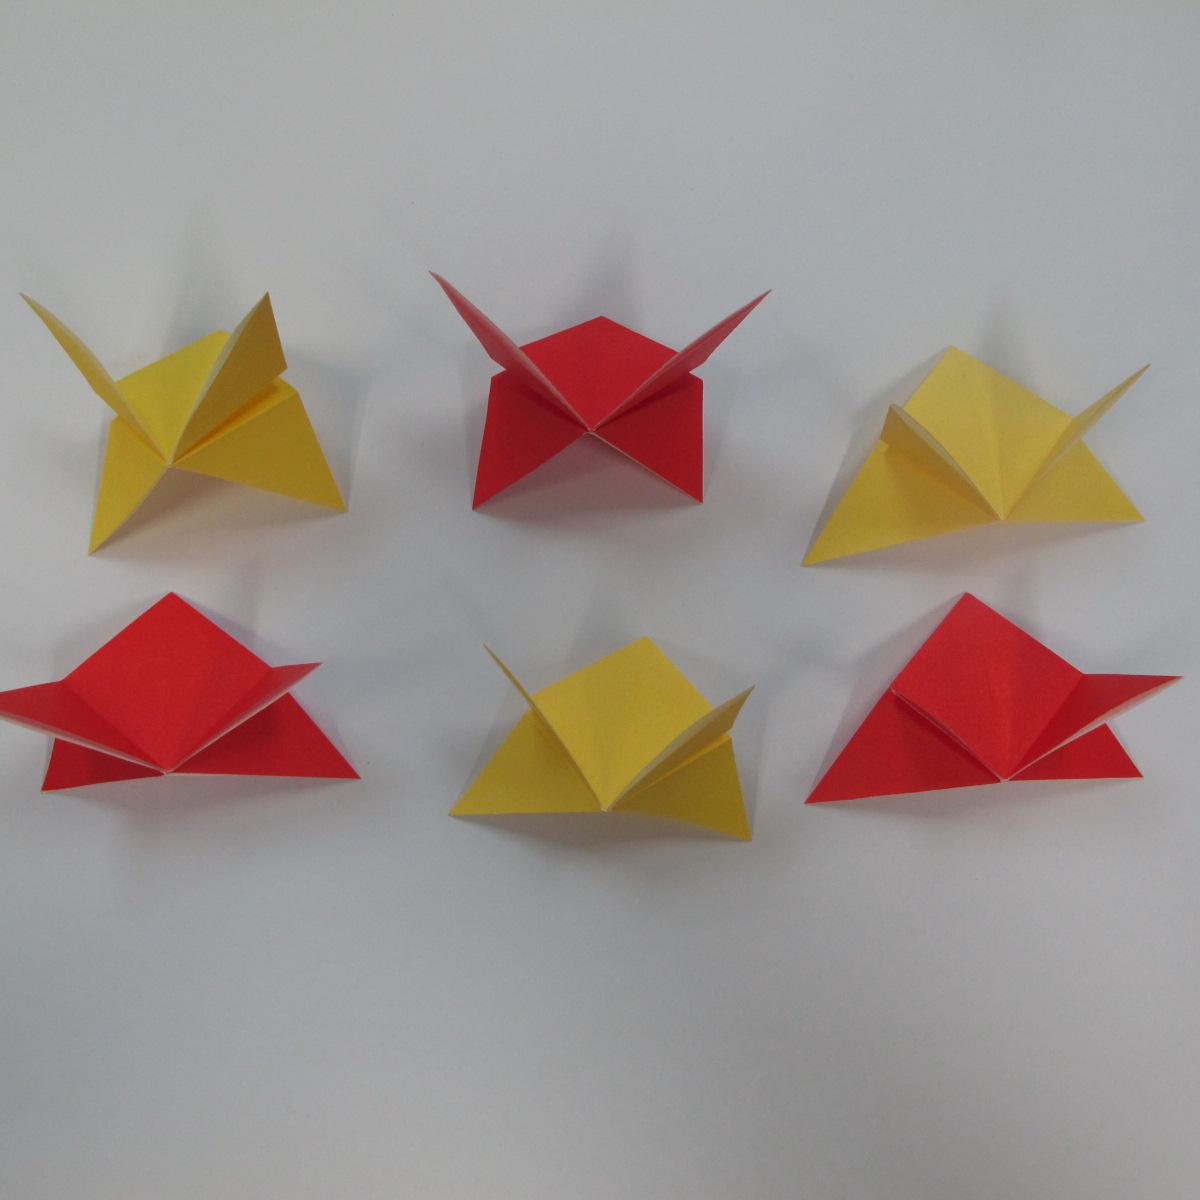 วิธีการพับกระดาษเป็นดาวหกแฉกแบบโมดูล่า 008